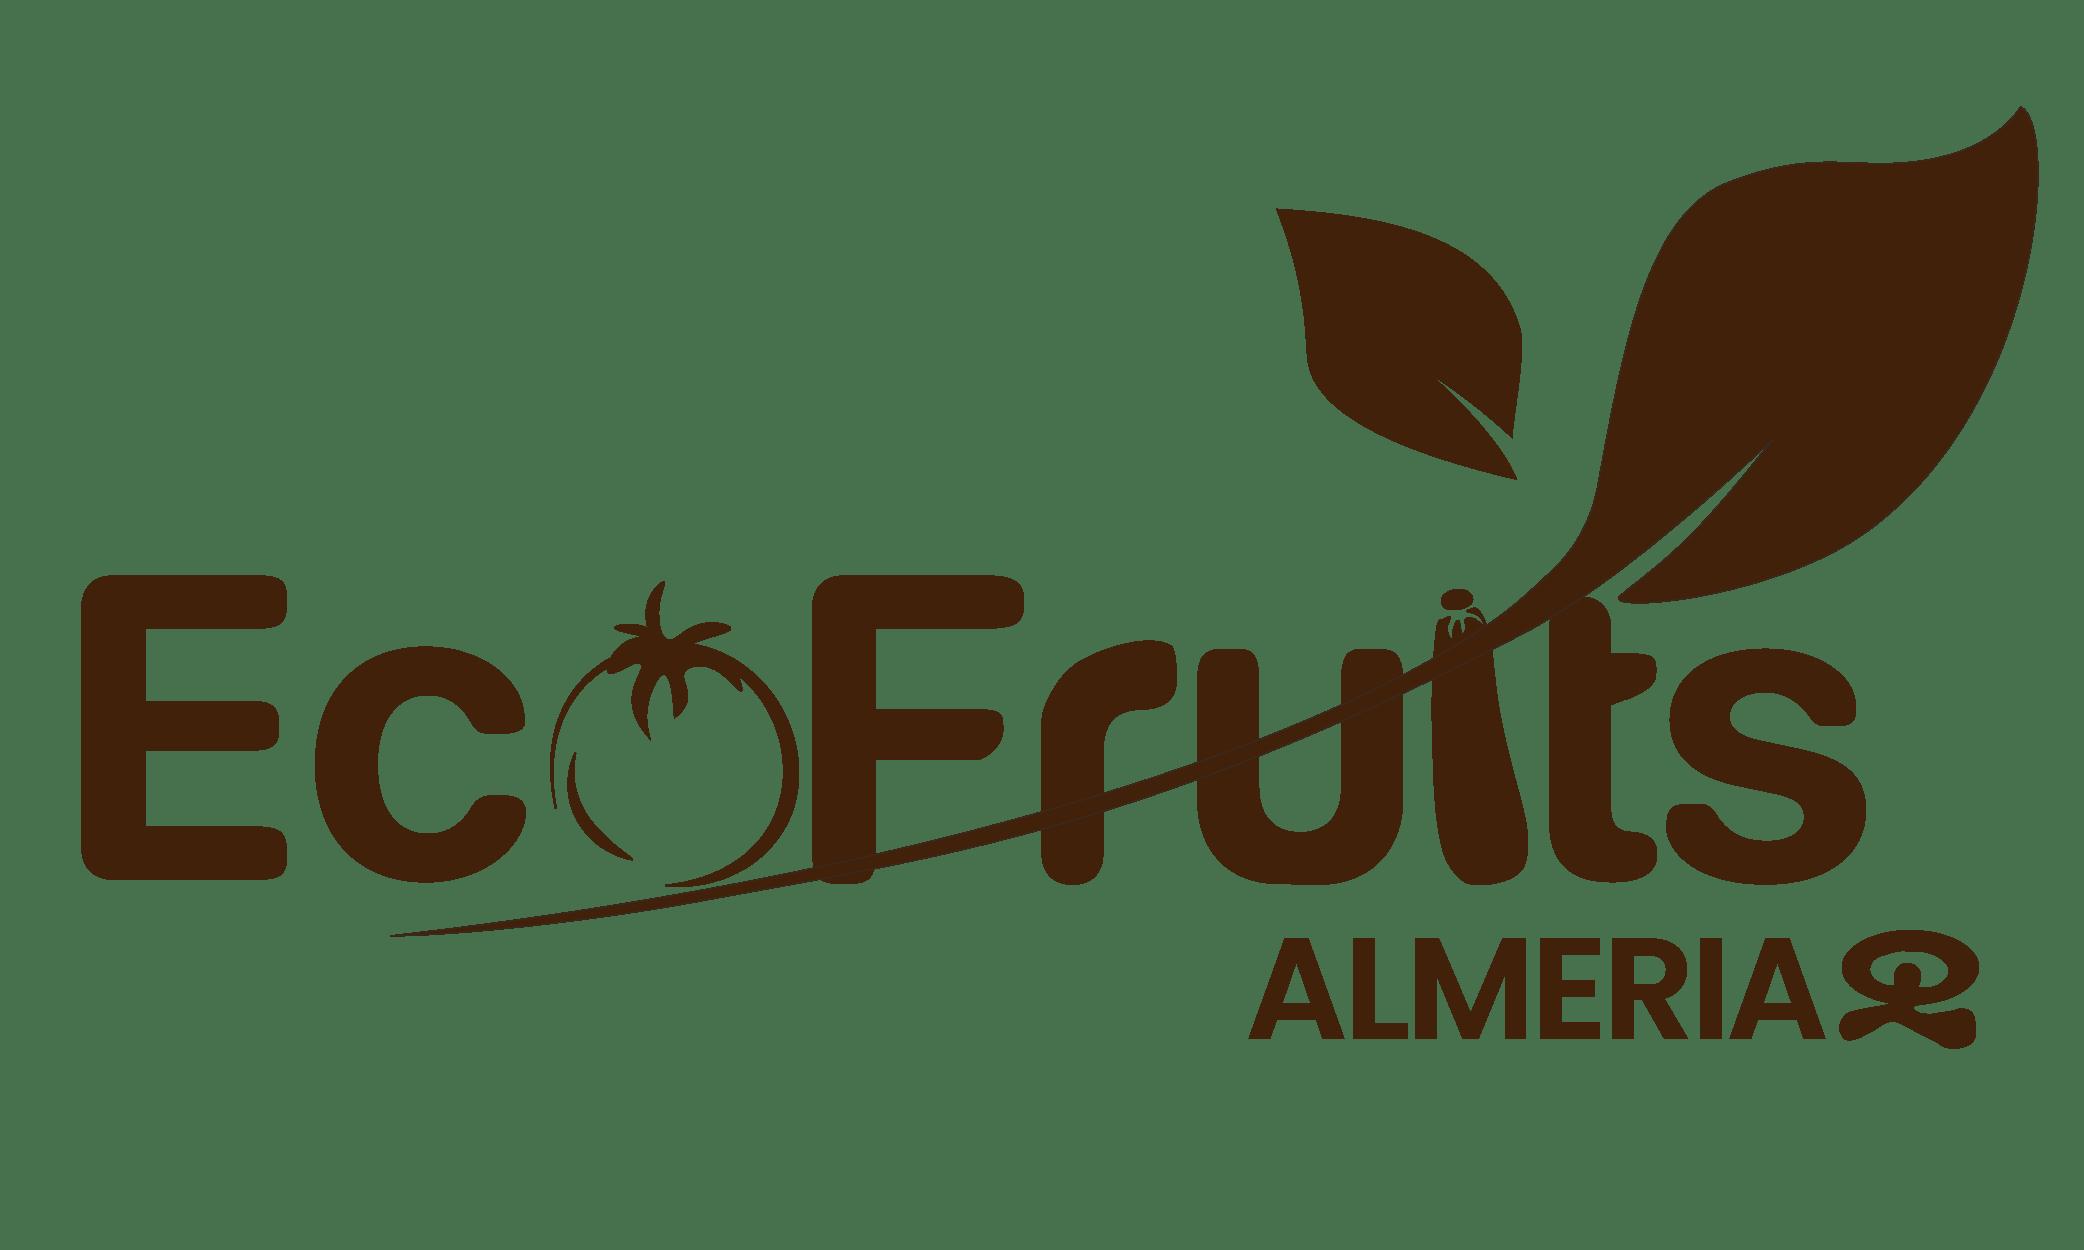 ECOFRUITS ALMERÍA S.L.